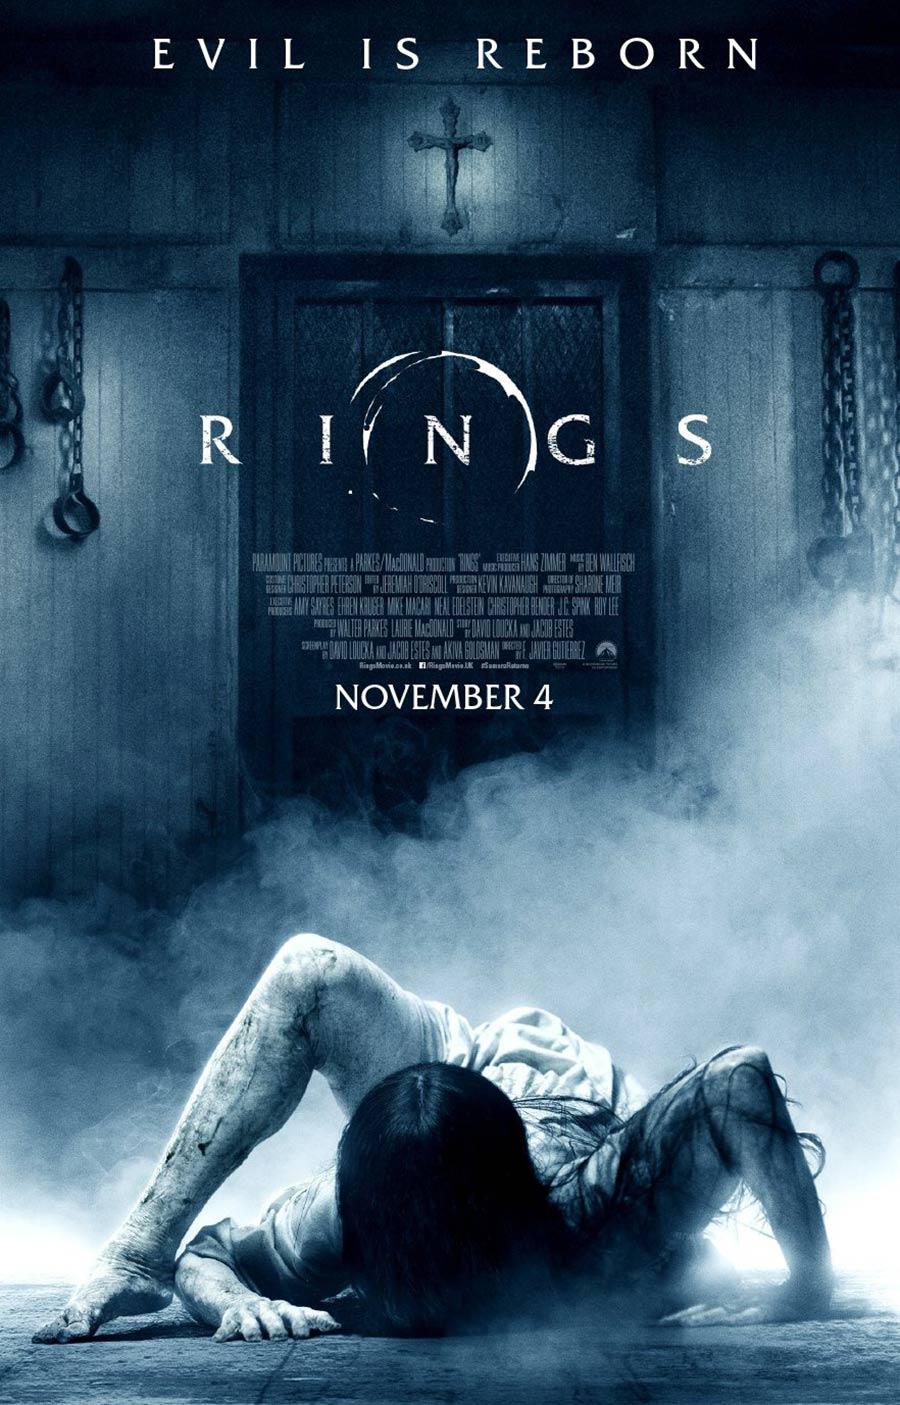 phim chiếu rạp Paramount - rings - elle vietnam